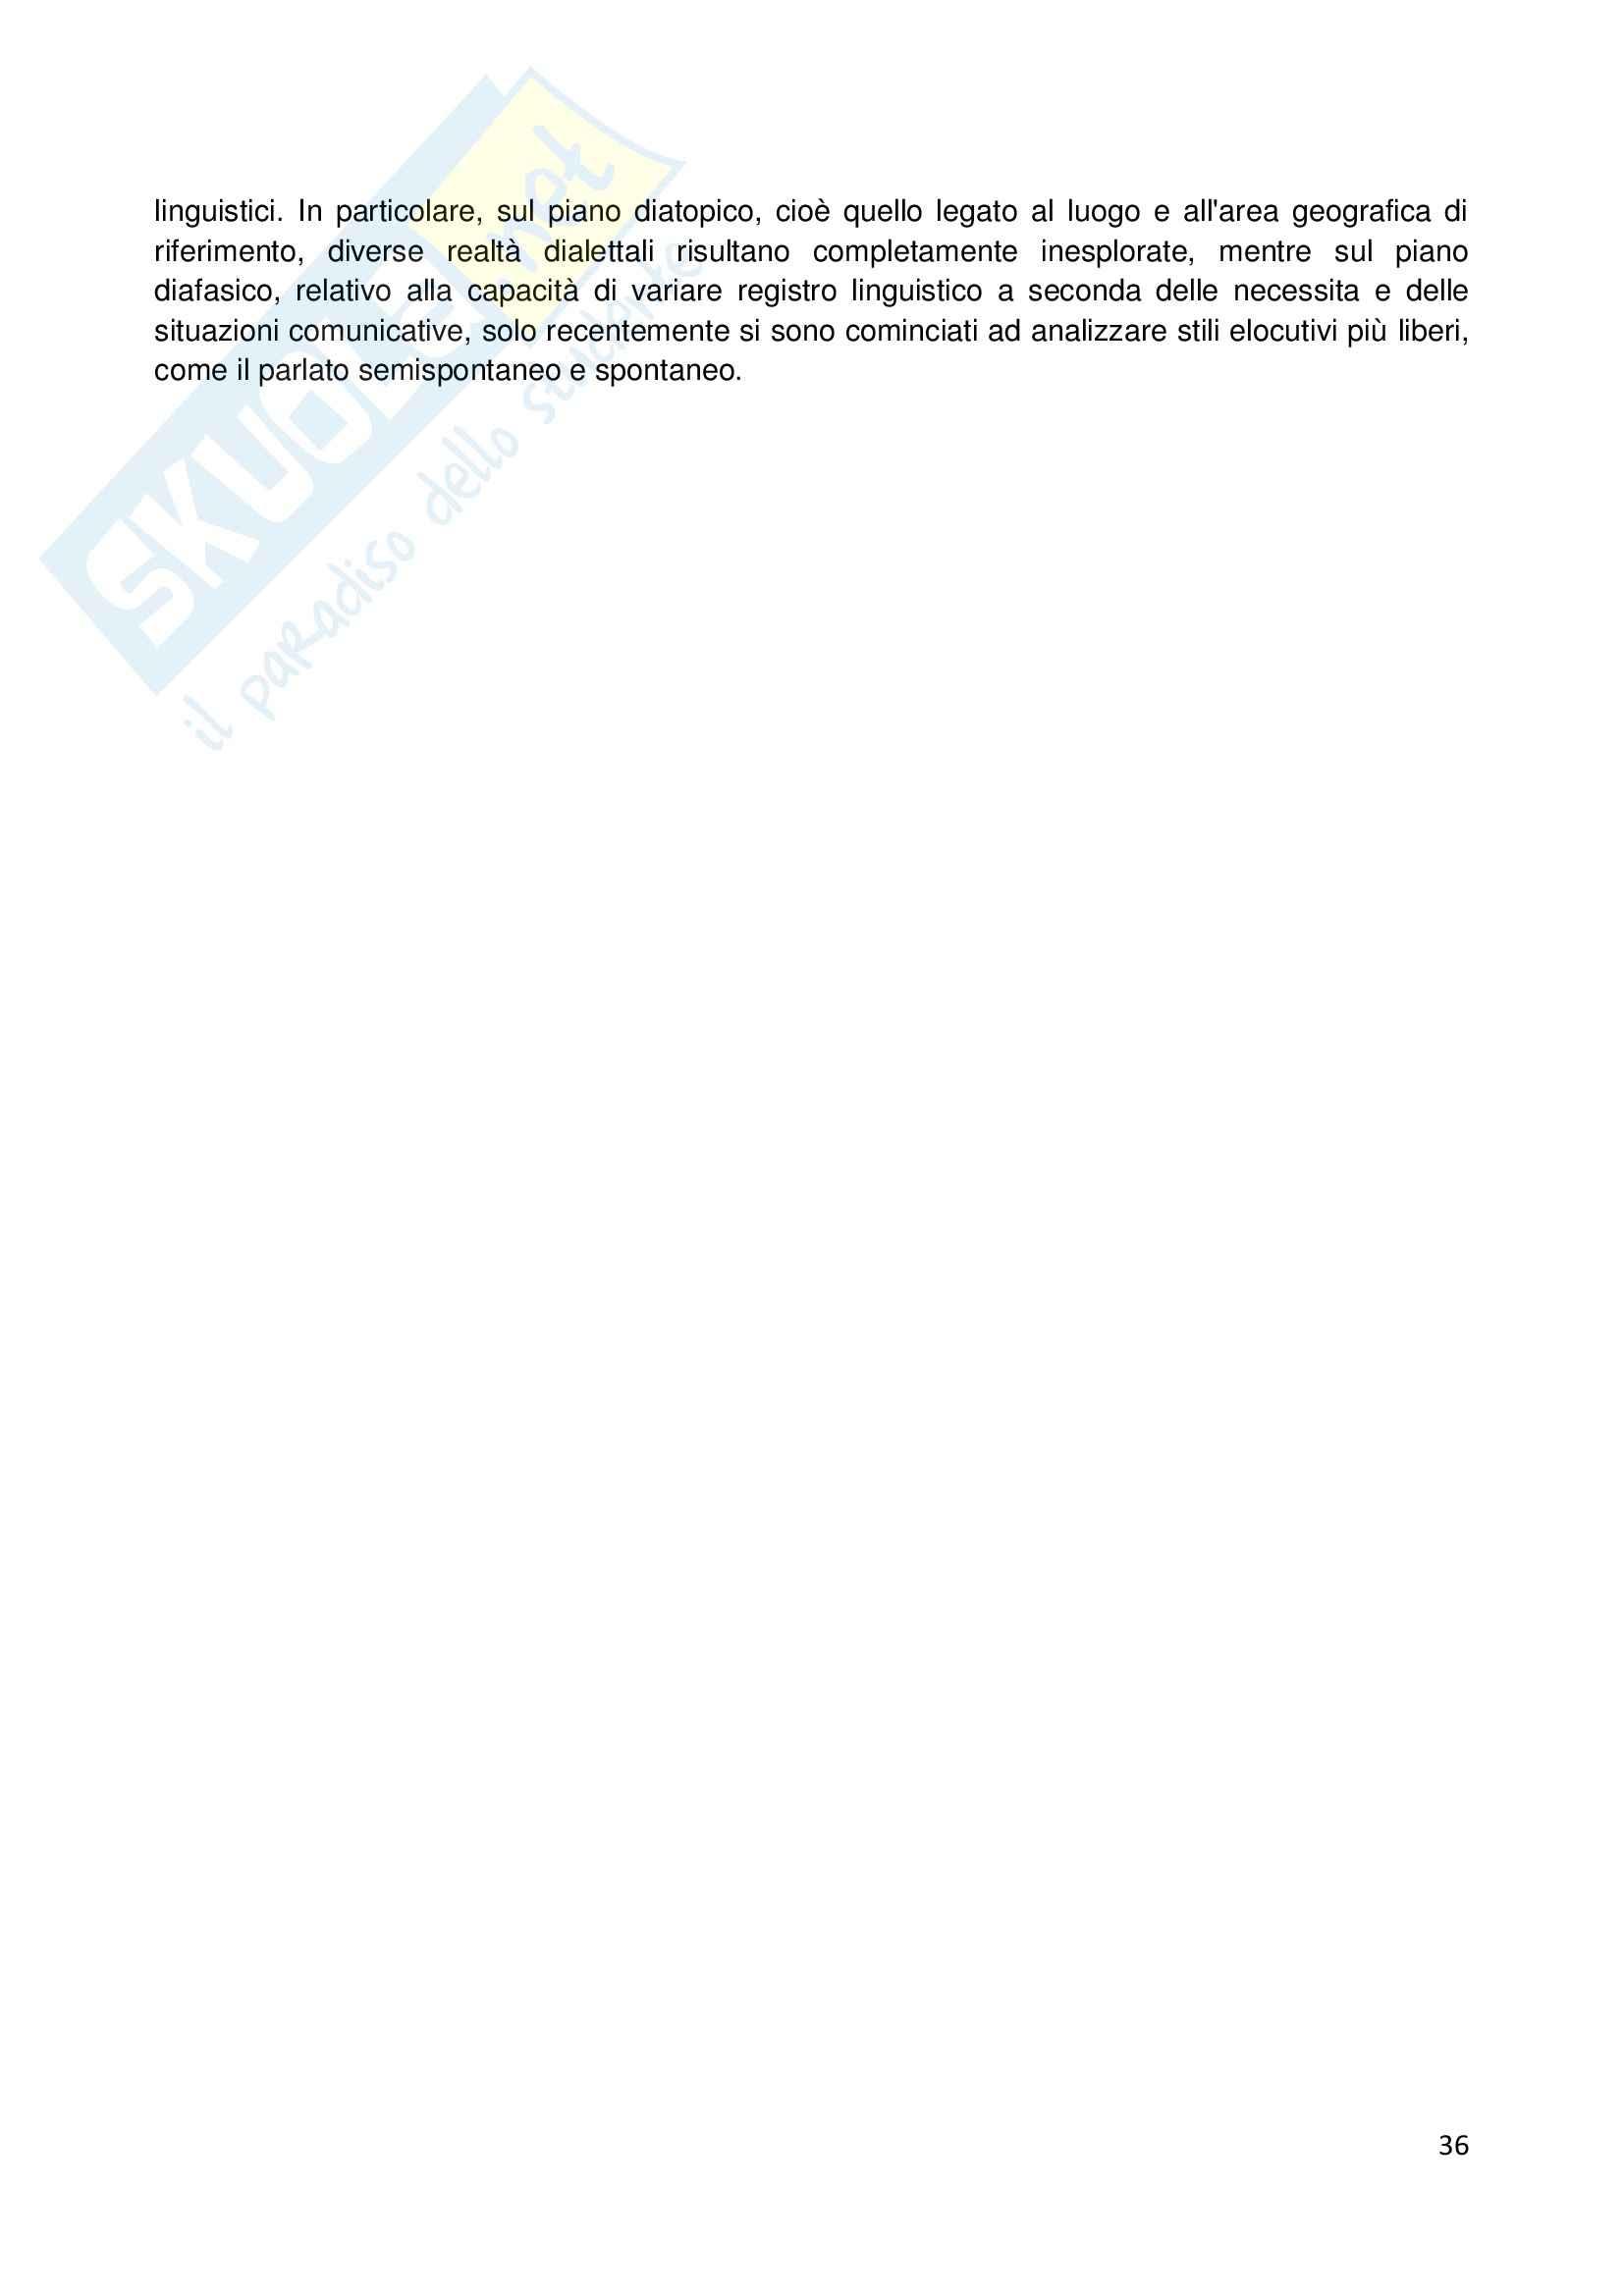 Riassunto esame Linguistica generale, prof. Sorianello, libro consigliato Prosodia, Sorianello Pag. 36